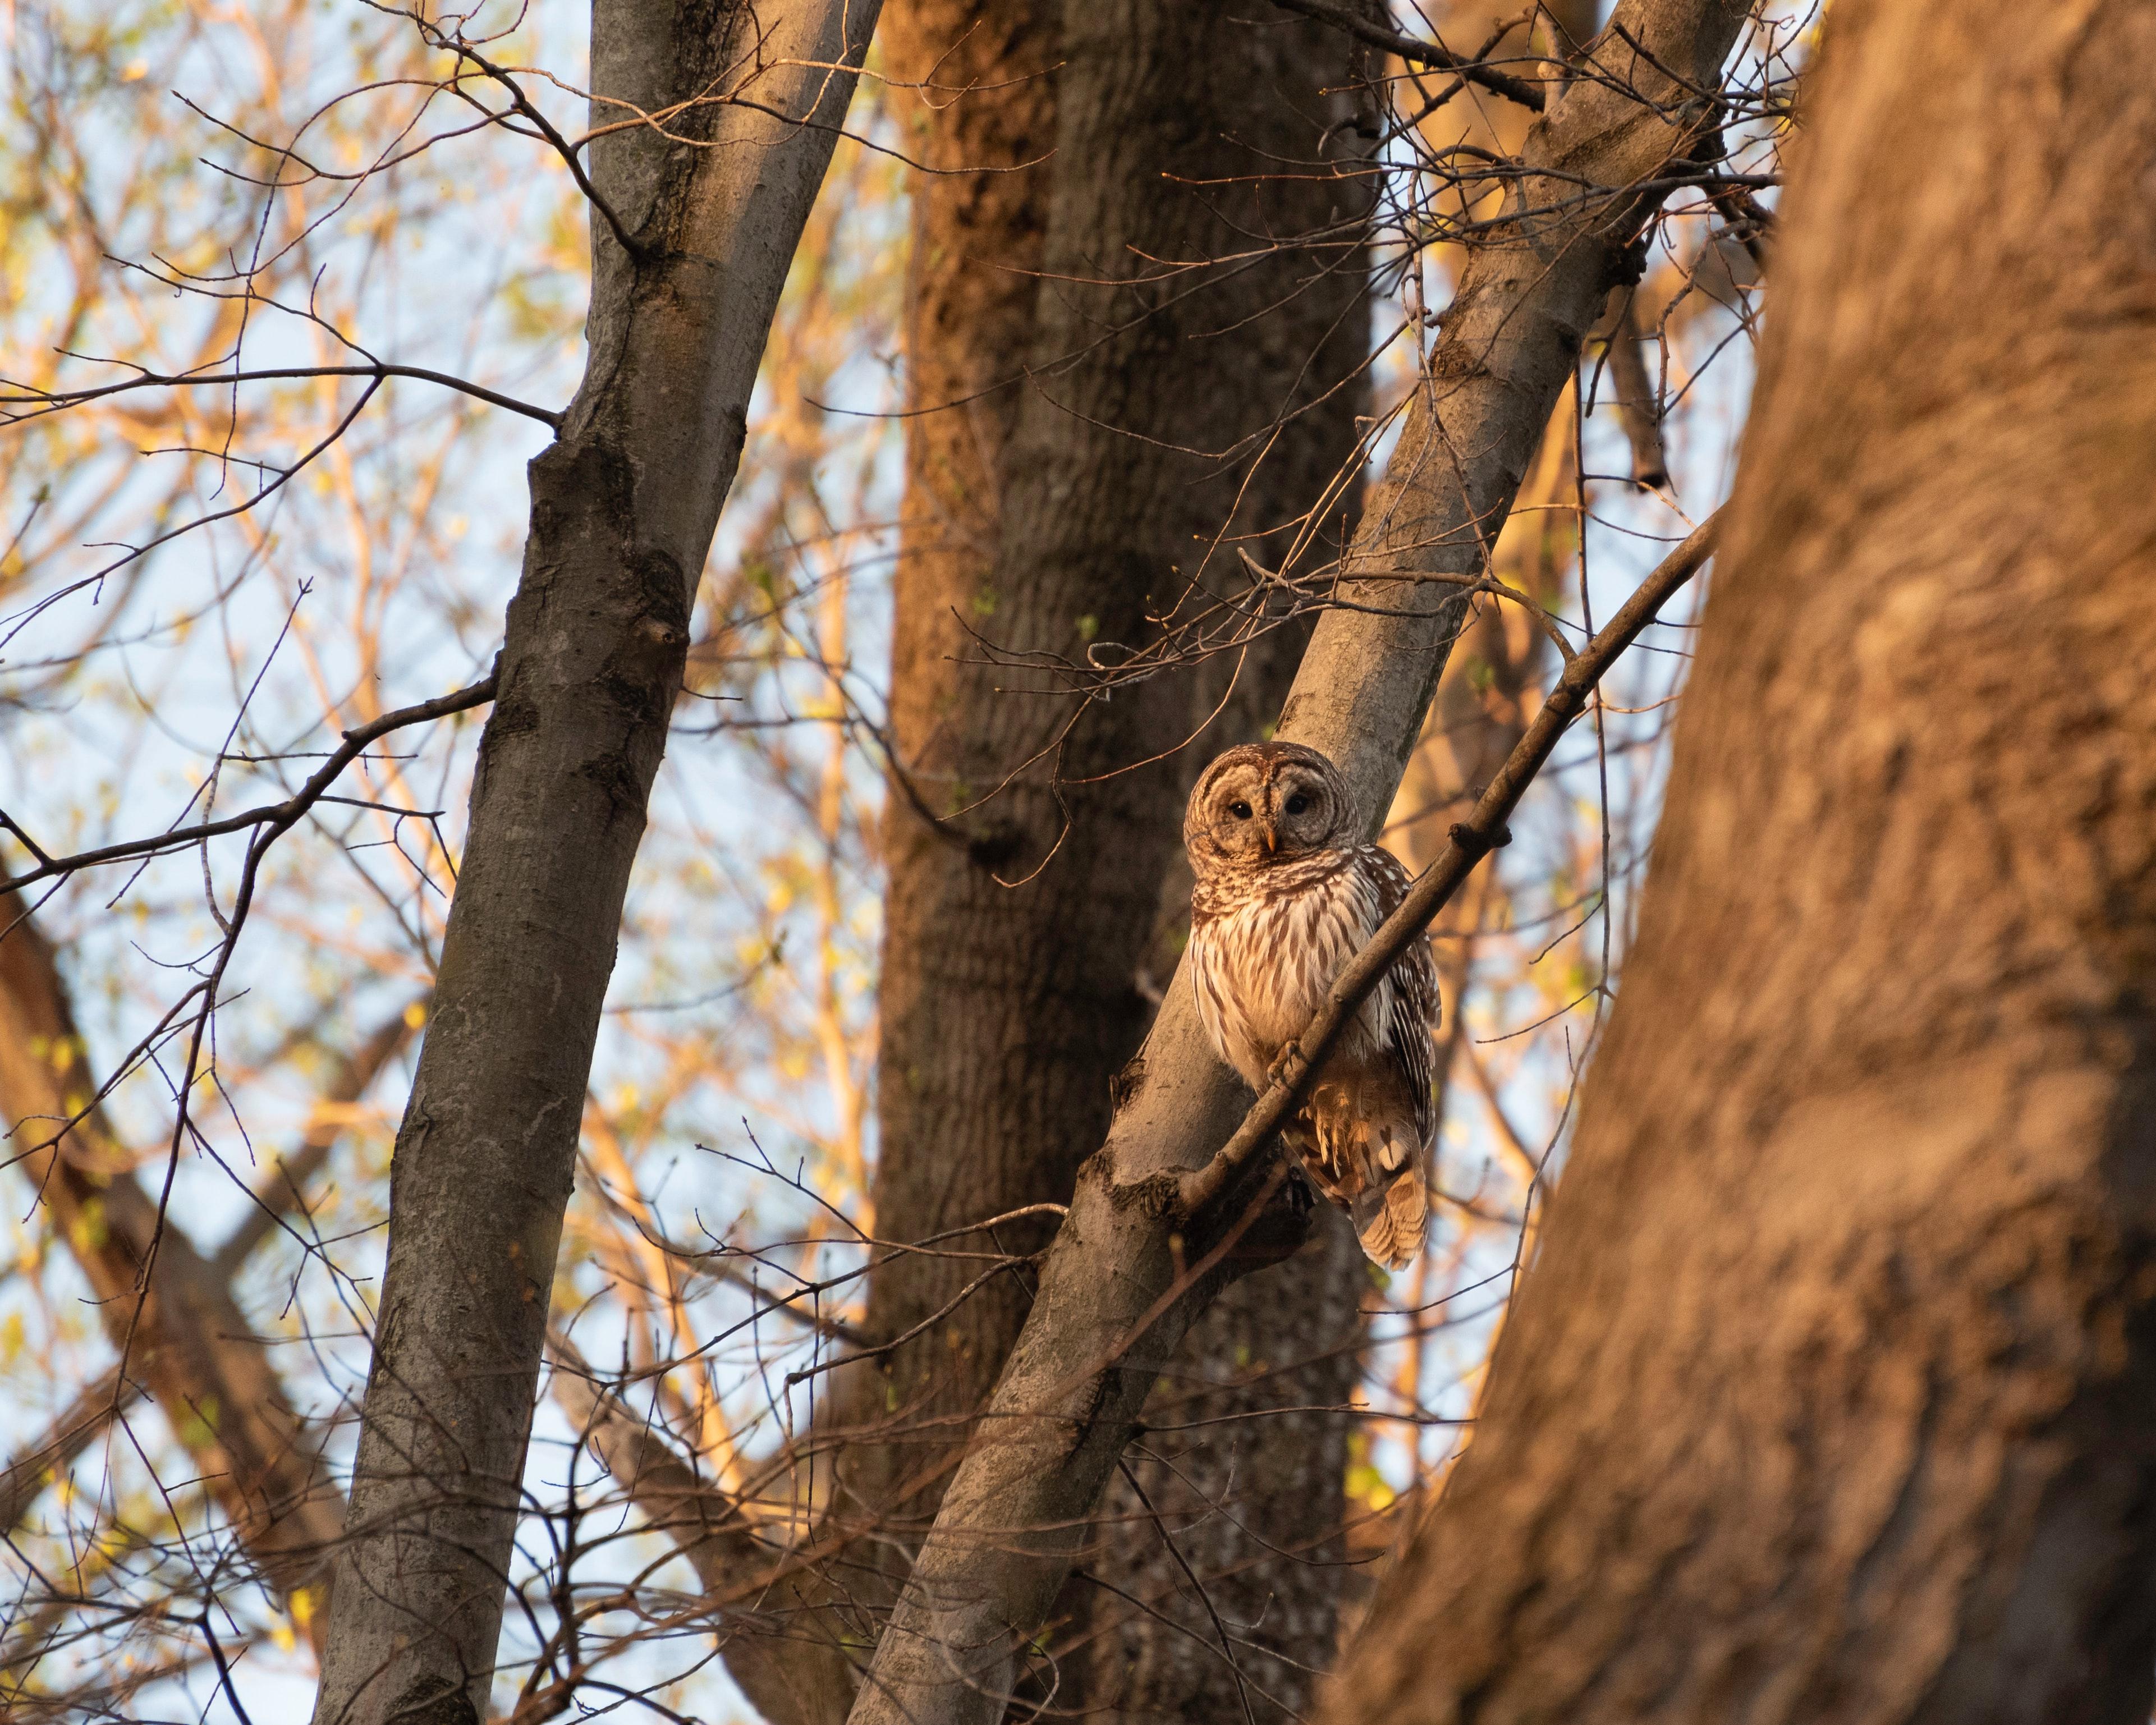 87071 скачать обои Животные, Сова, Птица, Ветки, Дерево, Дикая Природа - заставки и картинки бесплатно